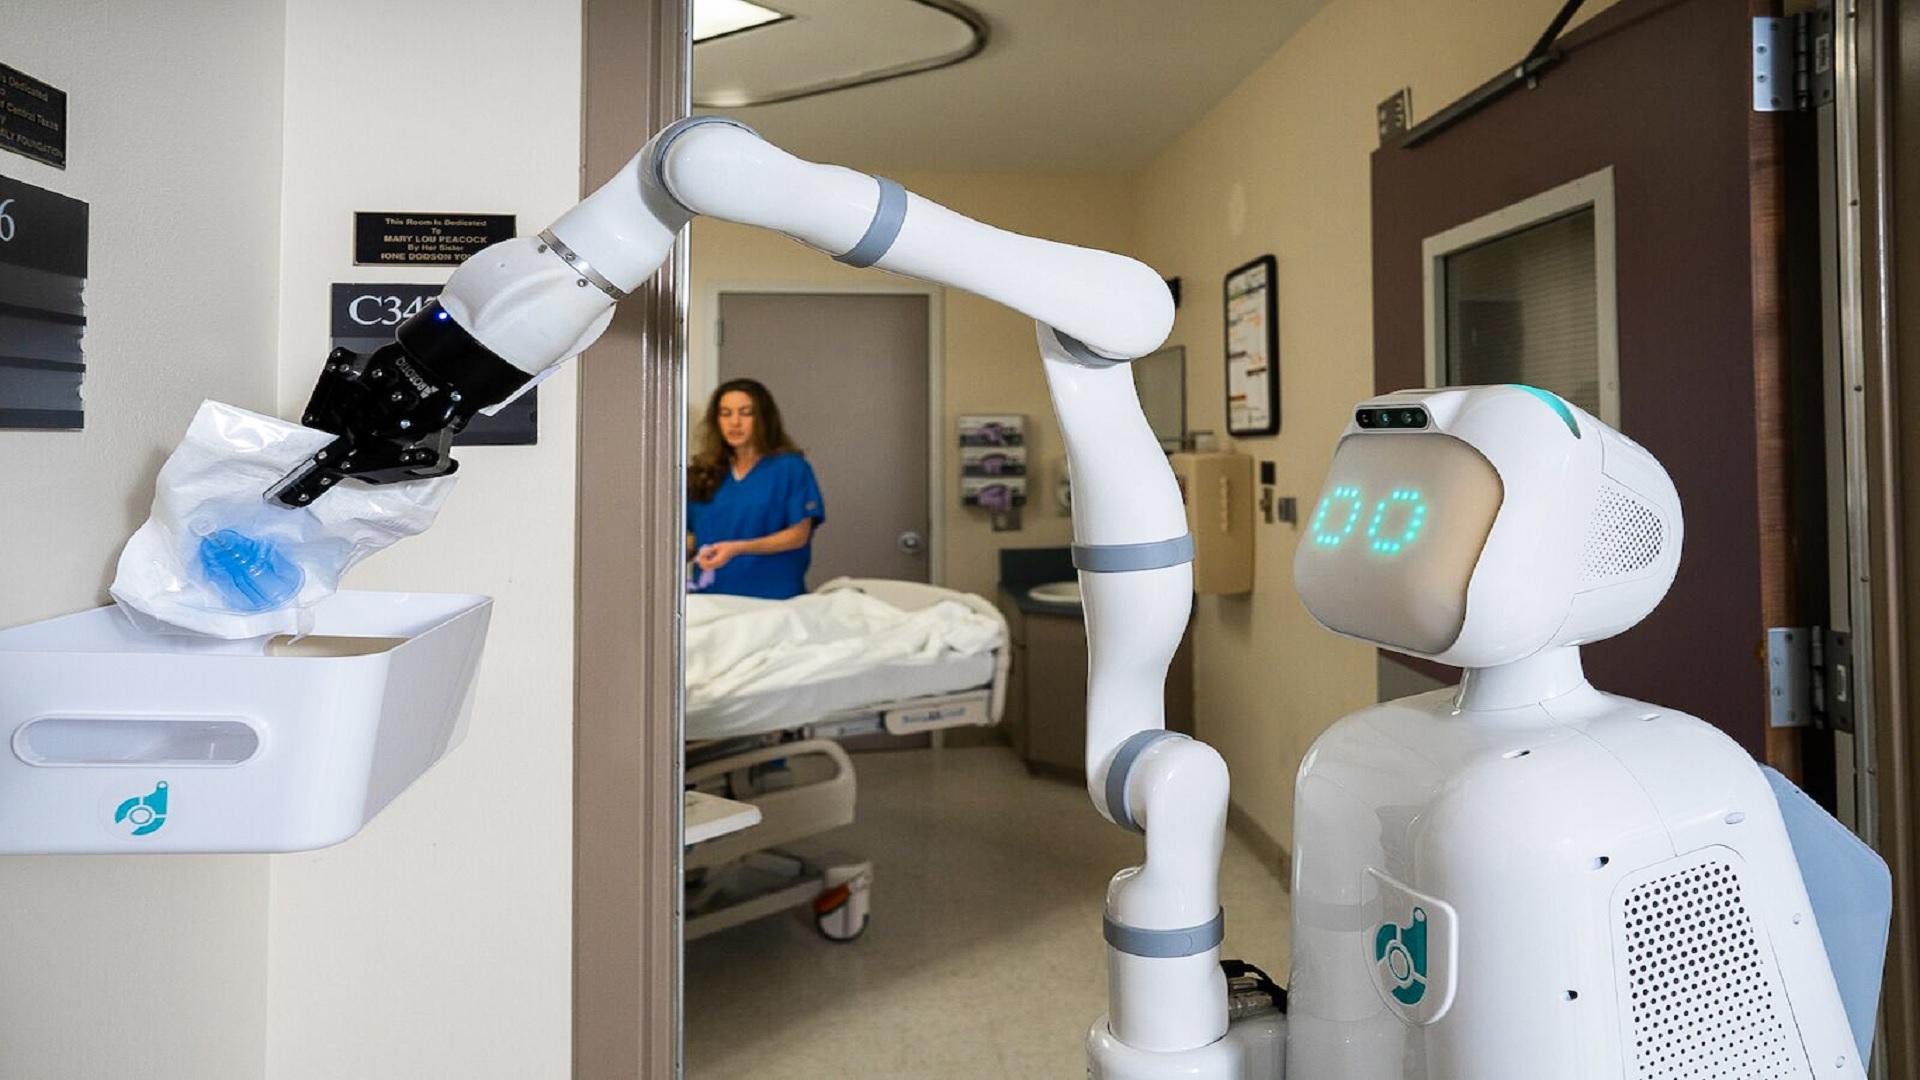 Πρωτοποριακό ανθρωποειδές χέρι για ρομπότ